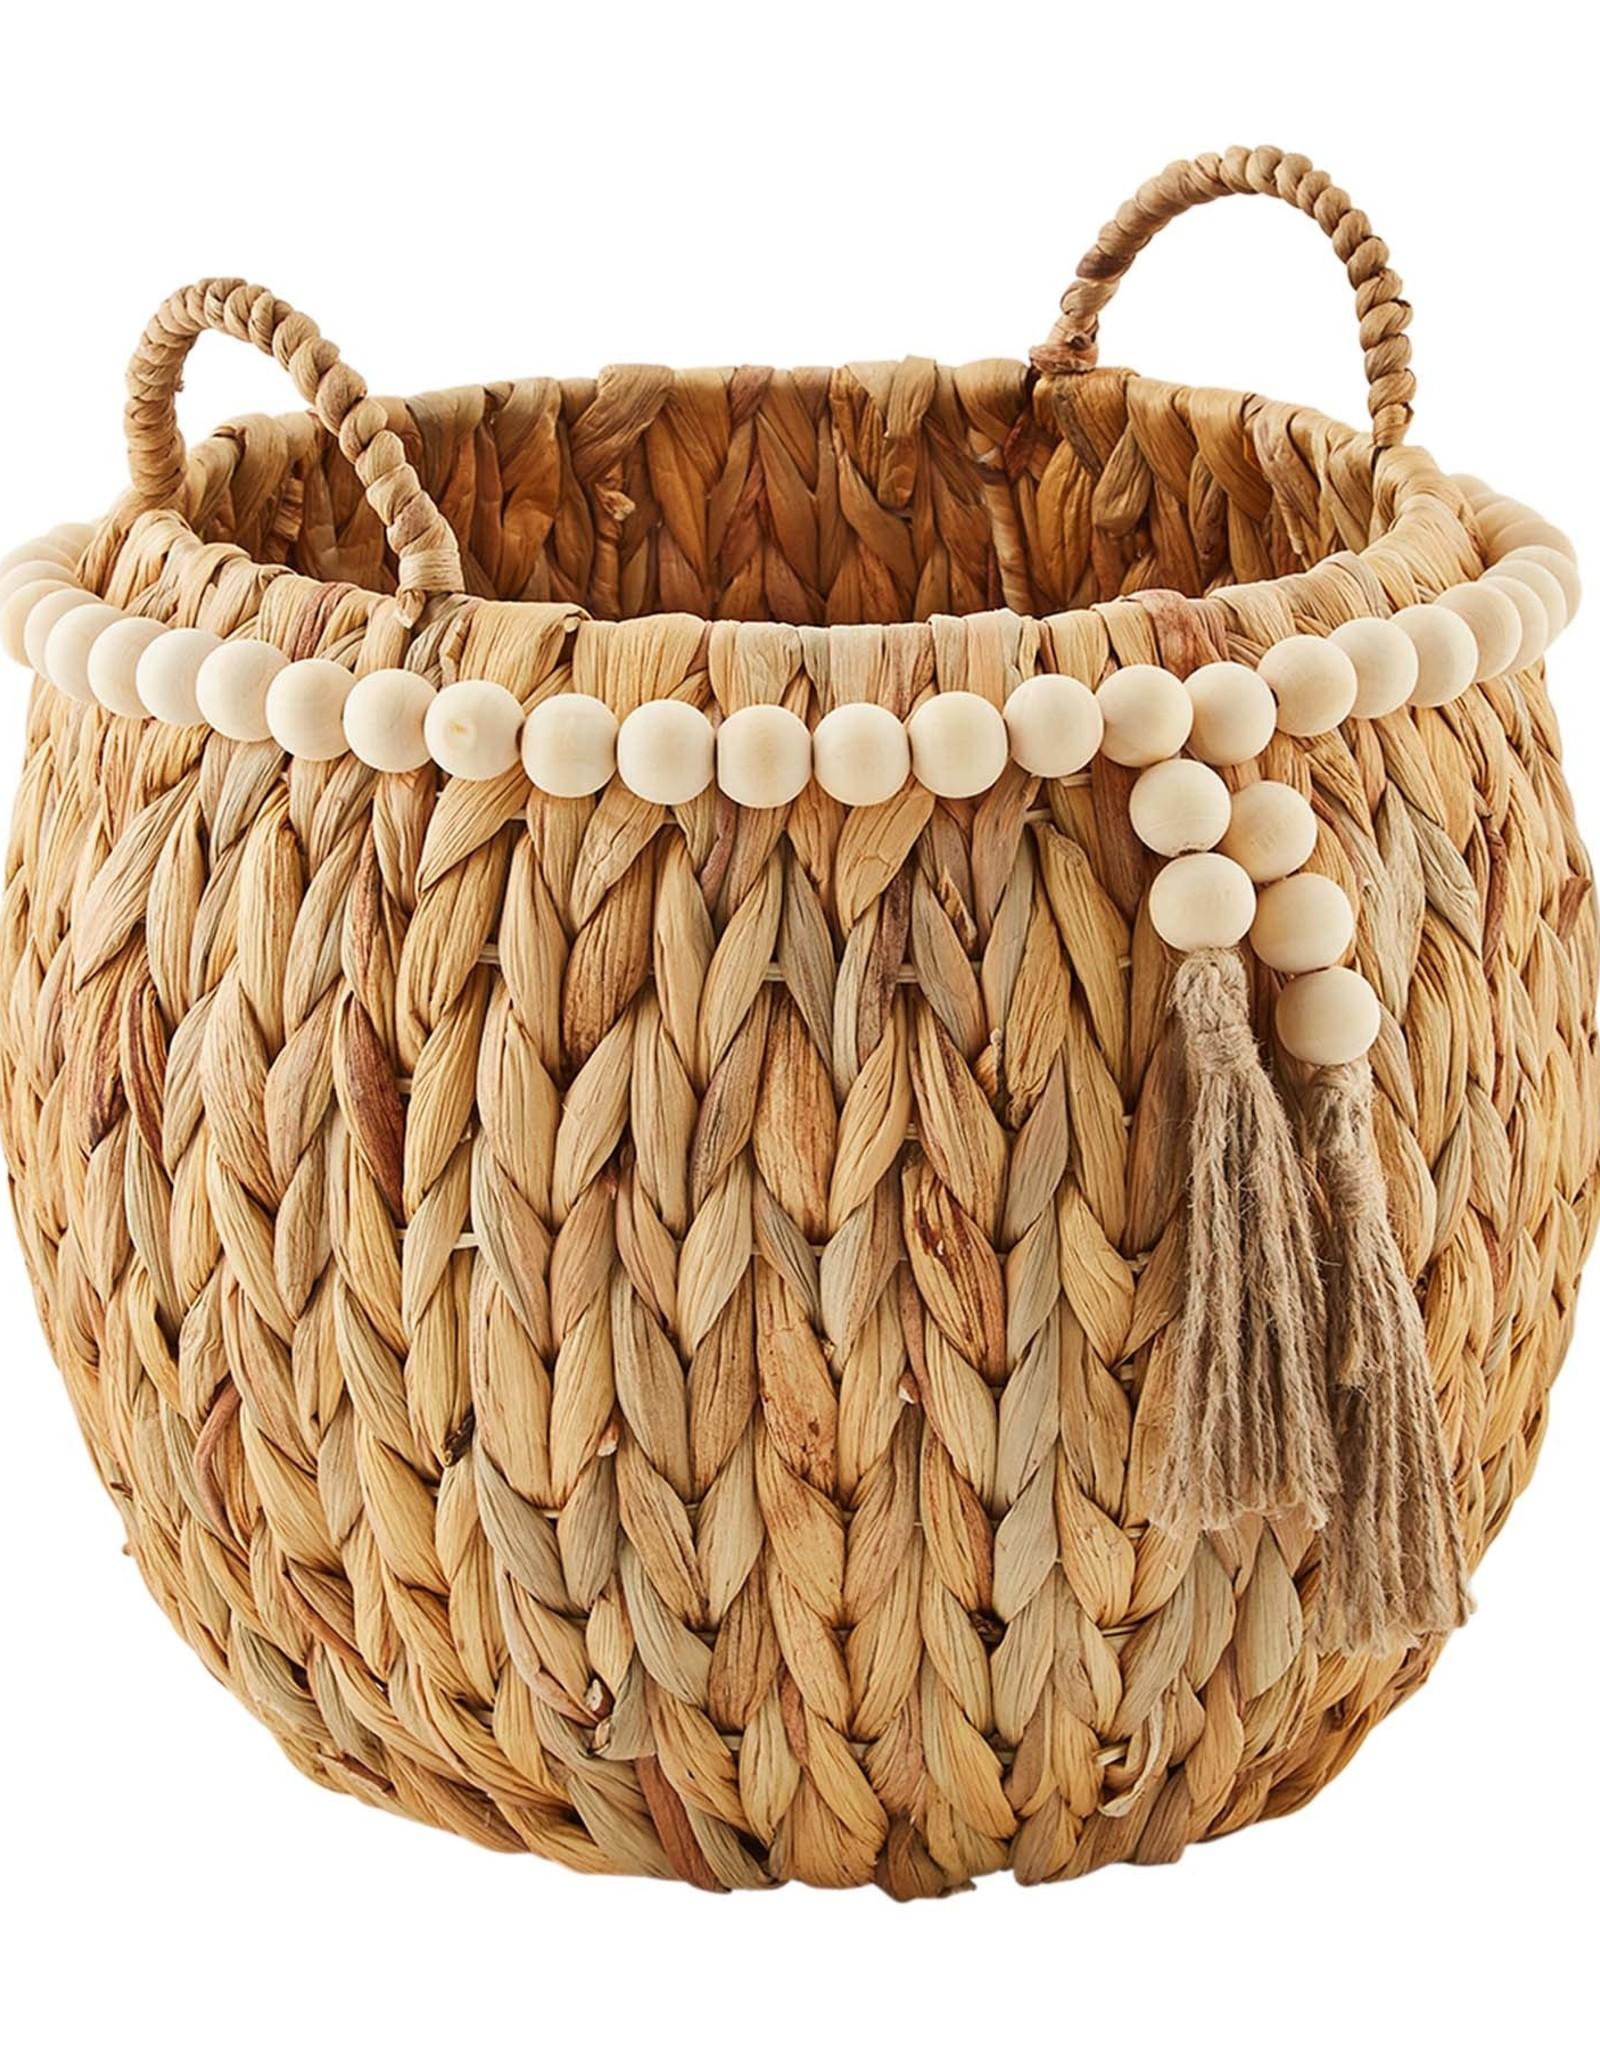 Water Hyacinth Basket, Large